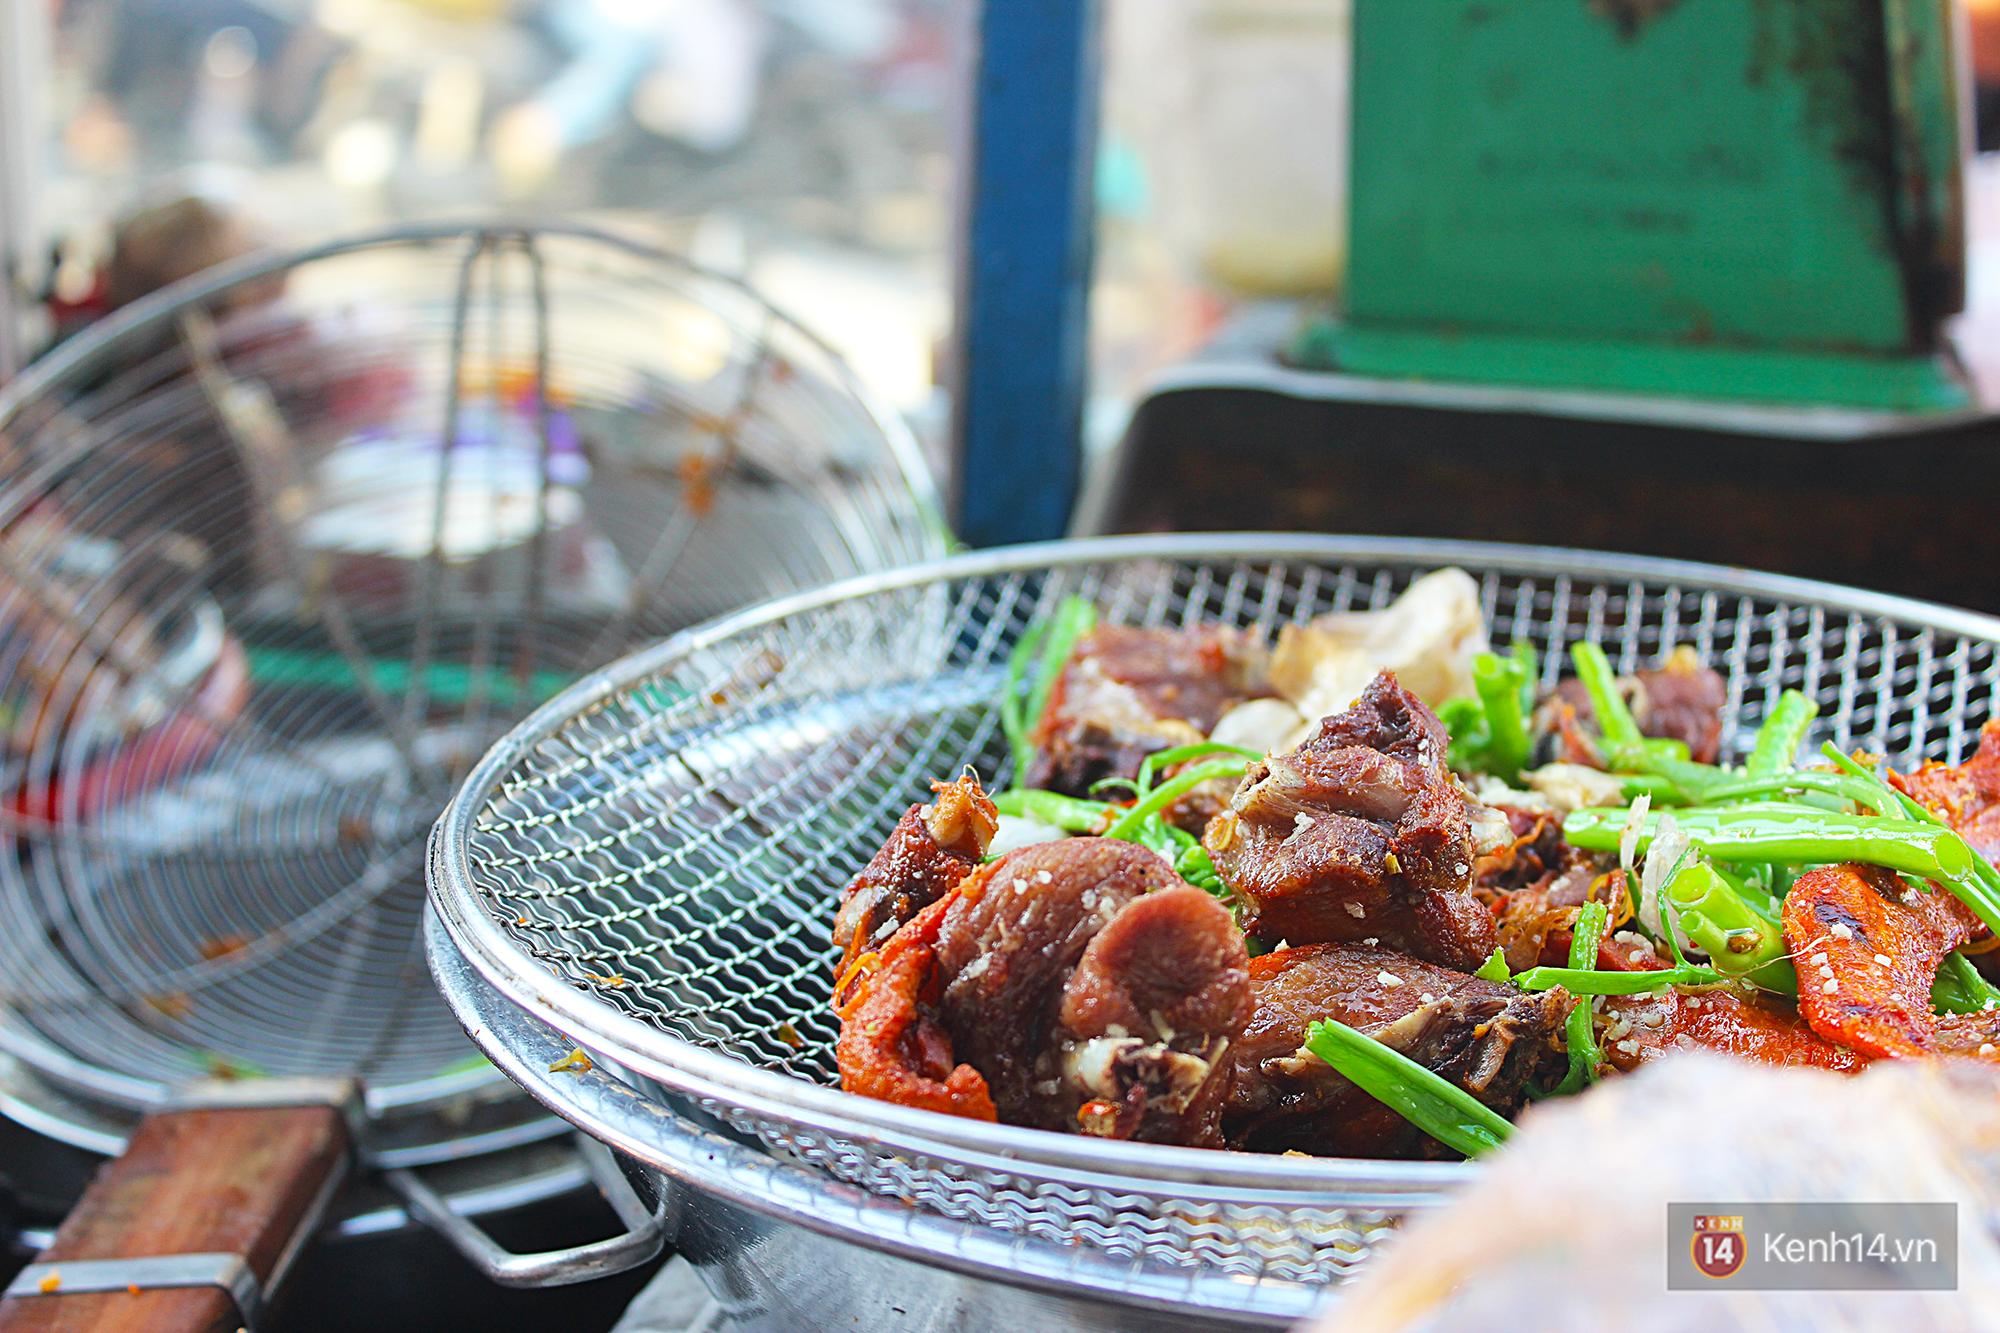 Vịt chiên sả ớt siêu hấp dẫn ở Sài Gòn: chỉ 20k đã có hộp đầy ắp - Ảnh 6.